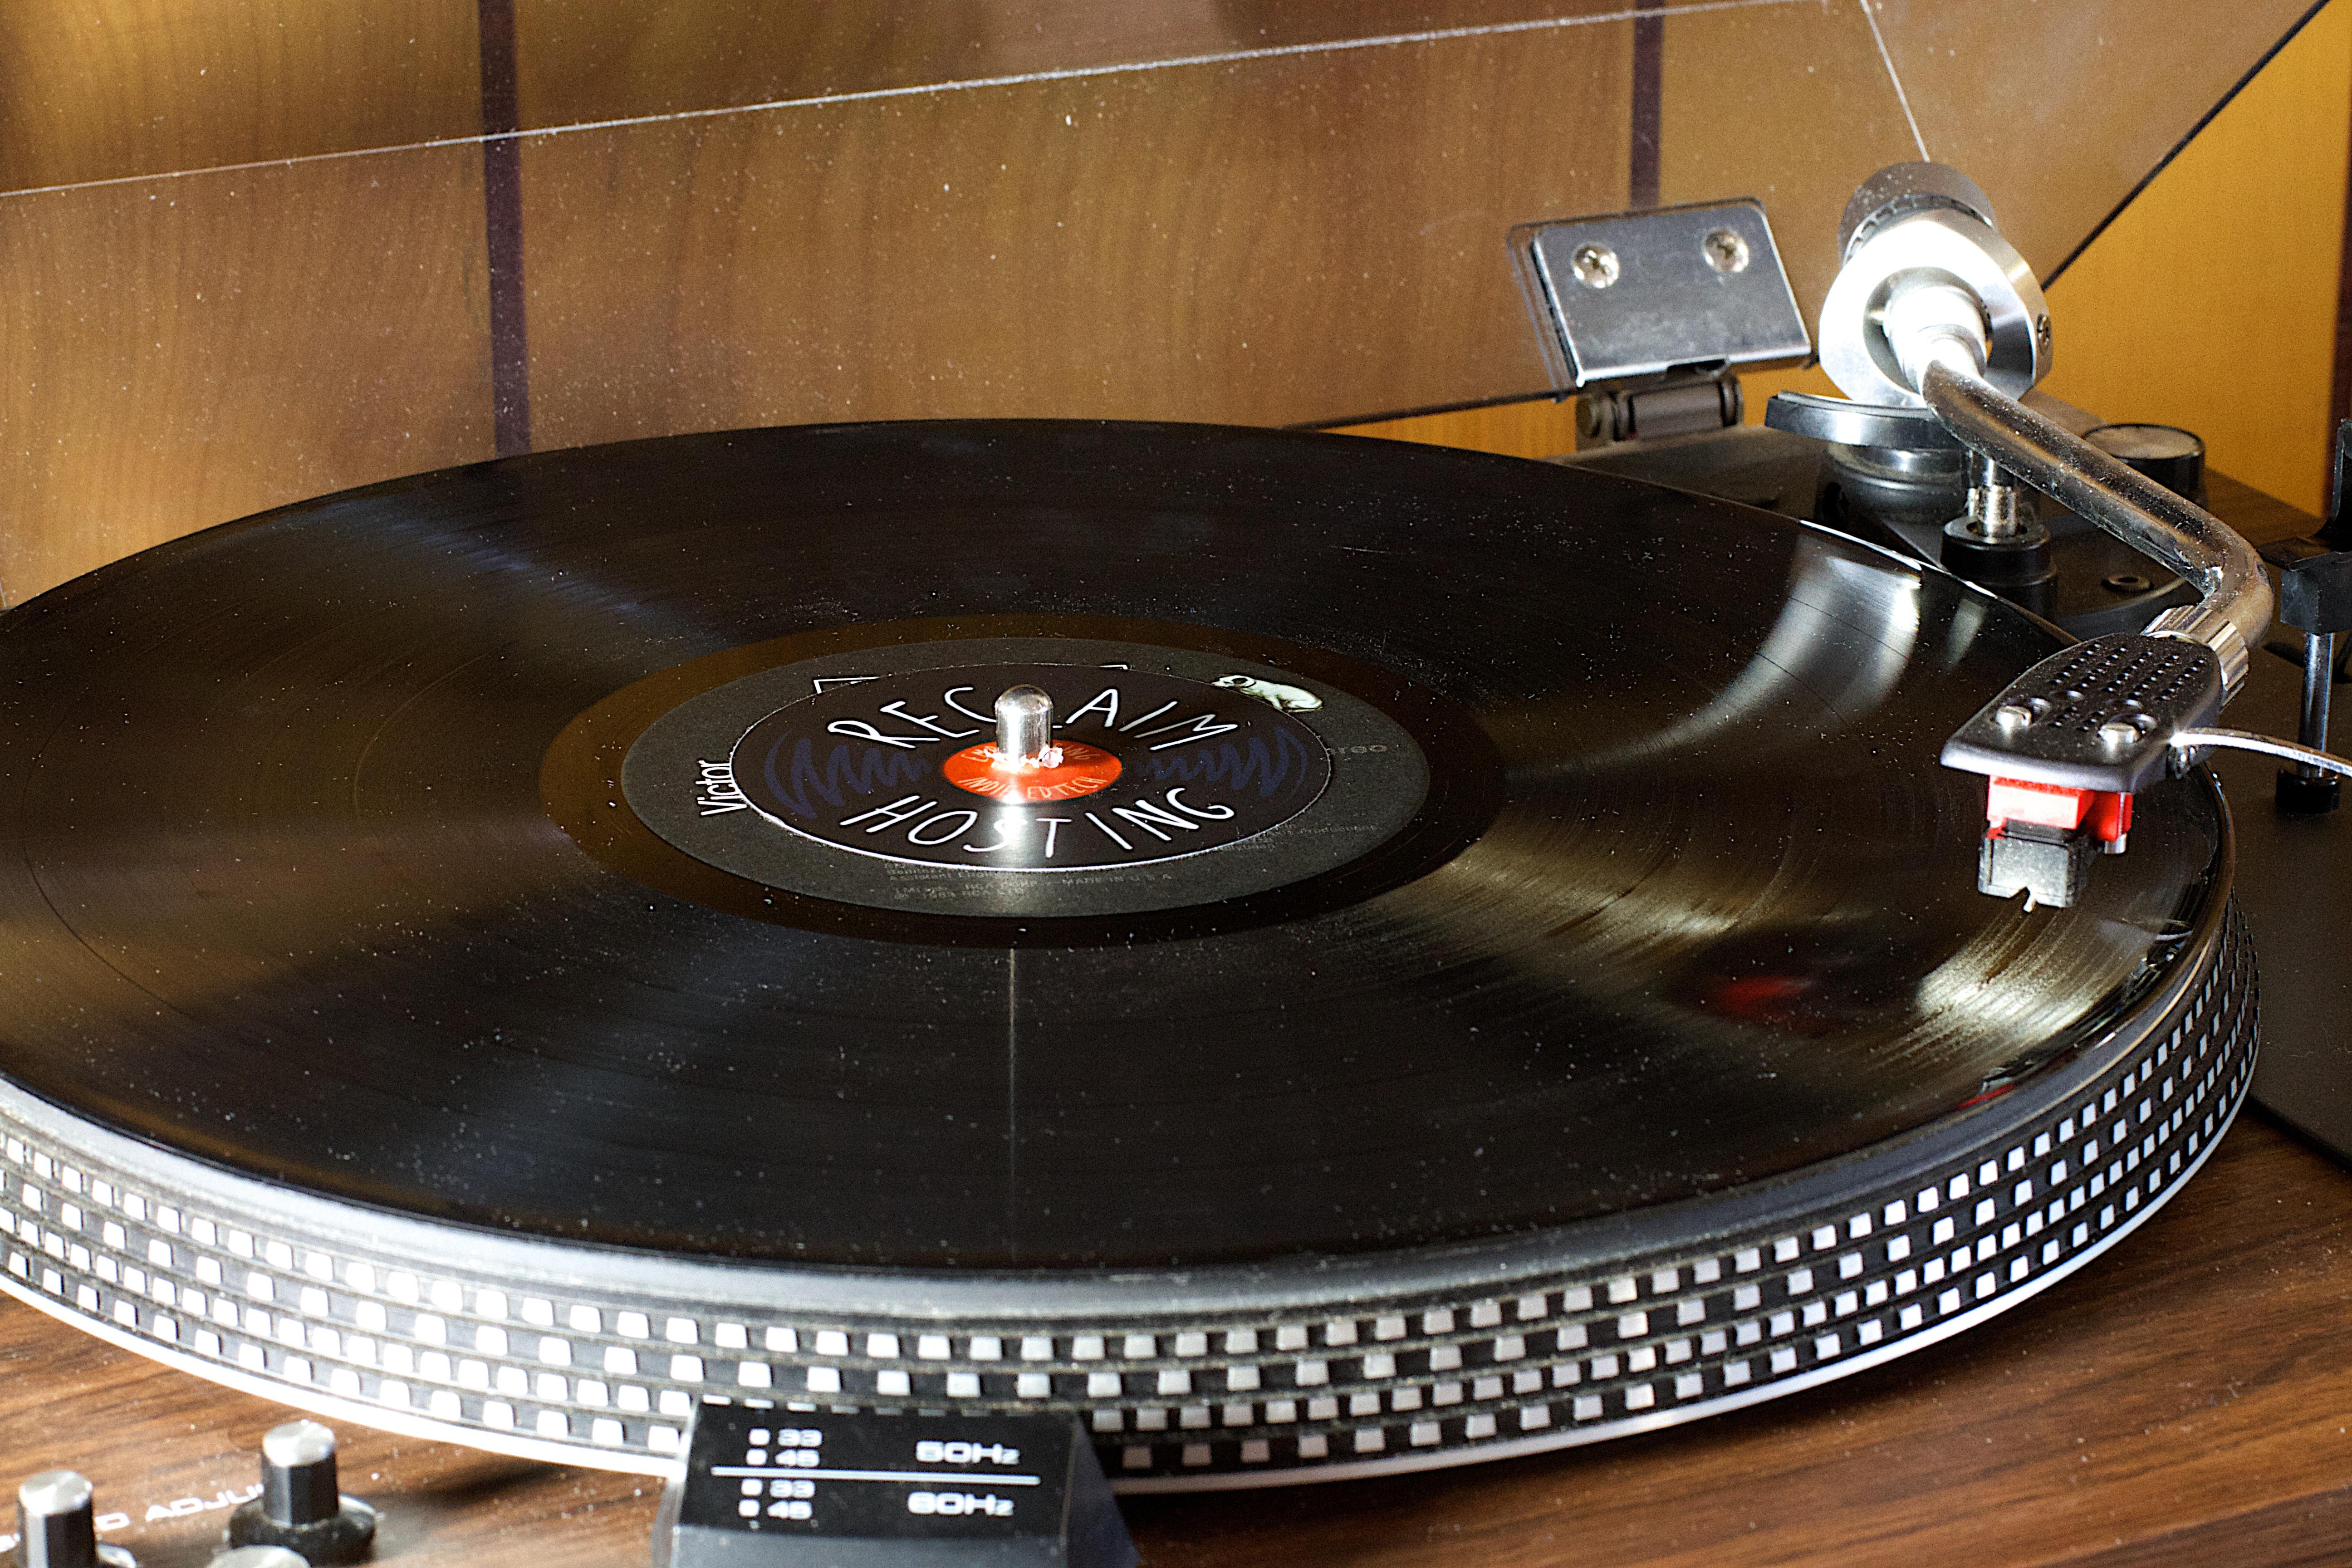 Gentes donorte: vinyl lp record album clip art at clker. Com vector.